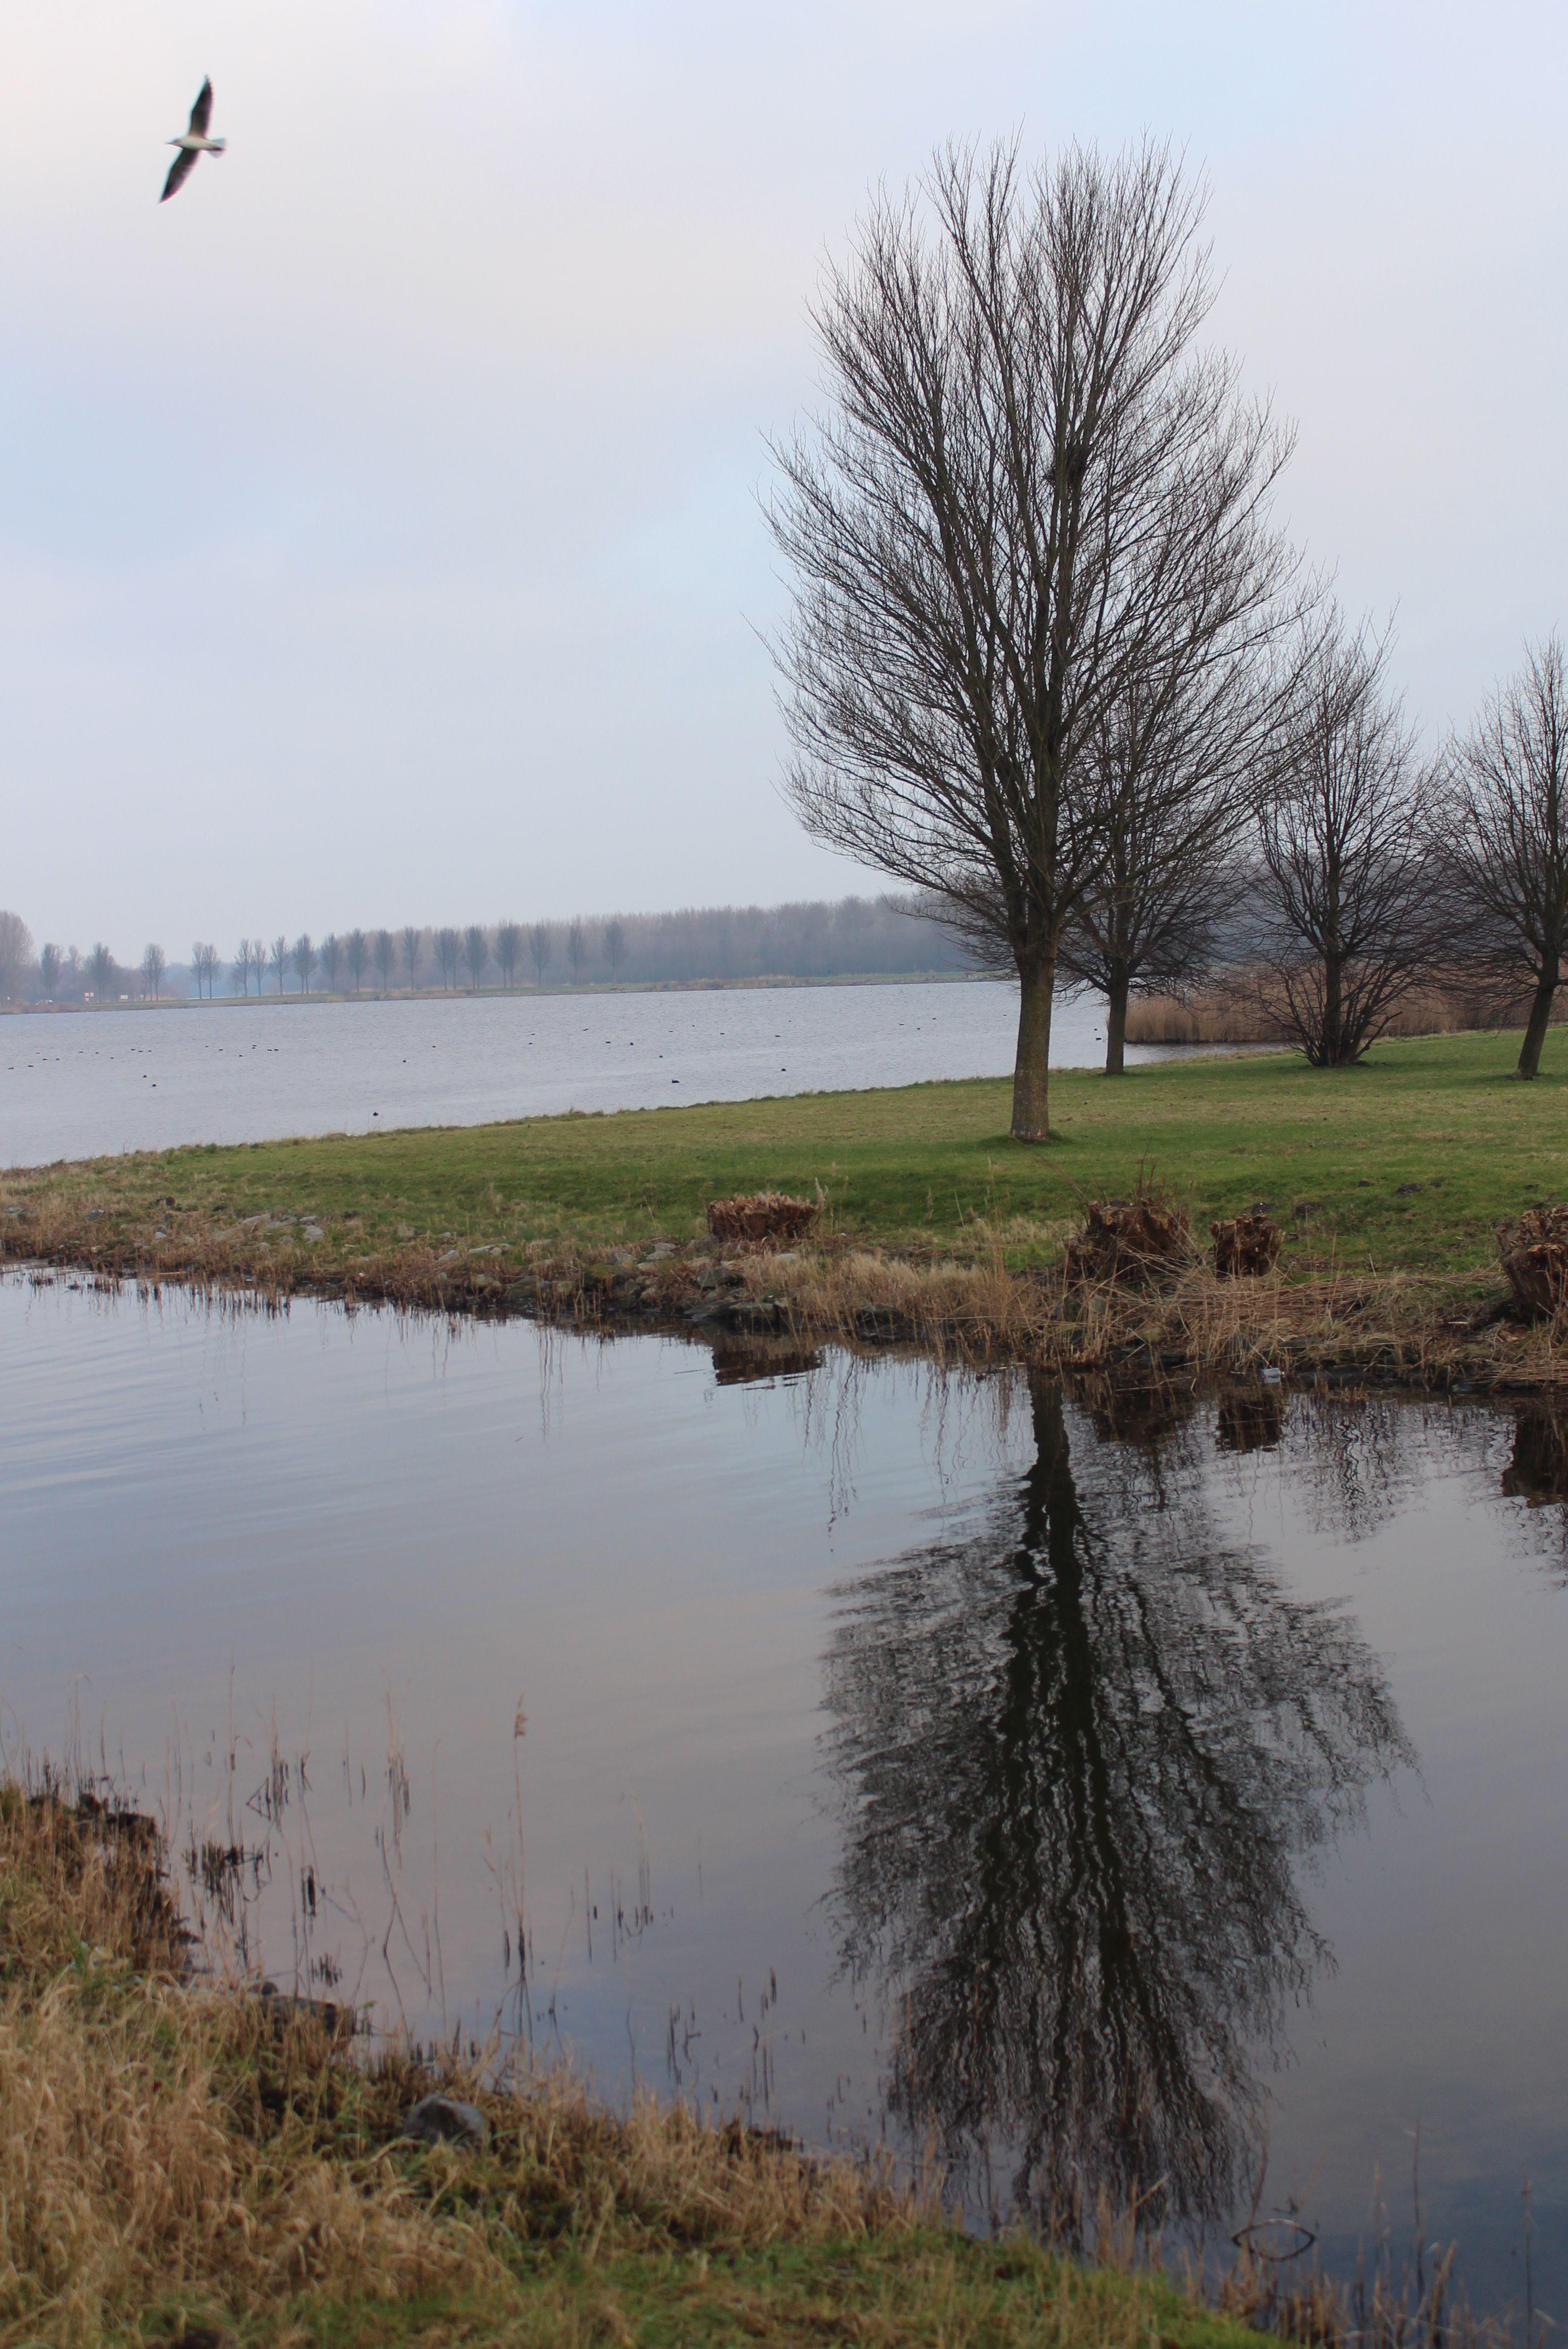 Maandag 5 januari 2015, Almere, De Boom, die in 2015 hoopt een BBer [Bekende Boom] te worden.